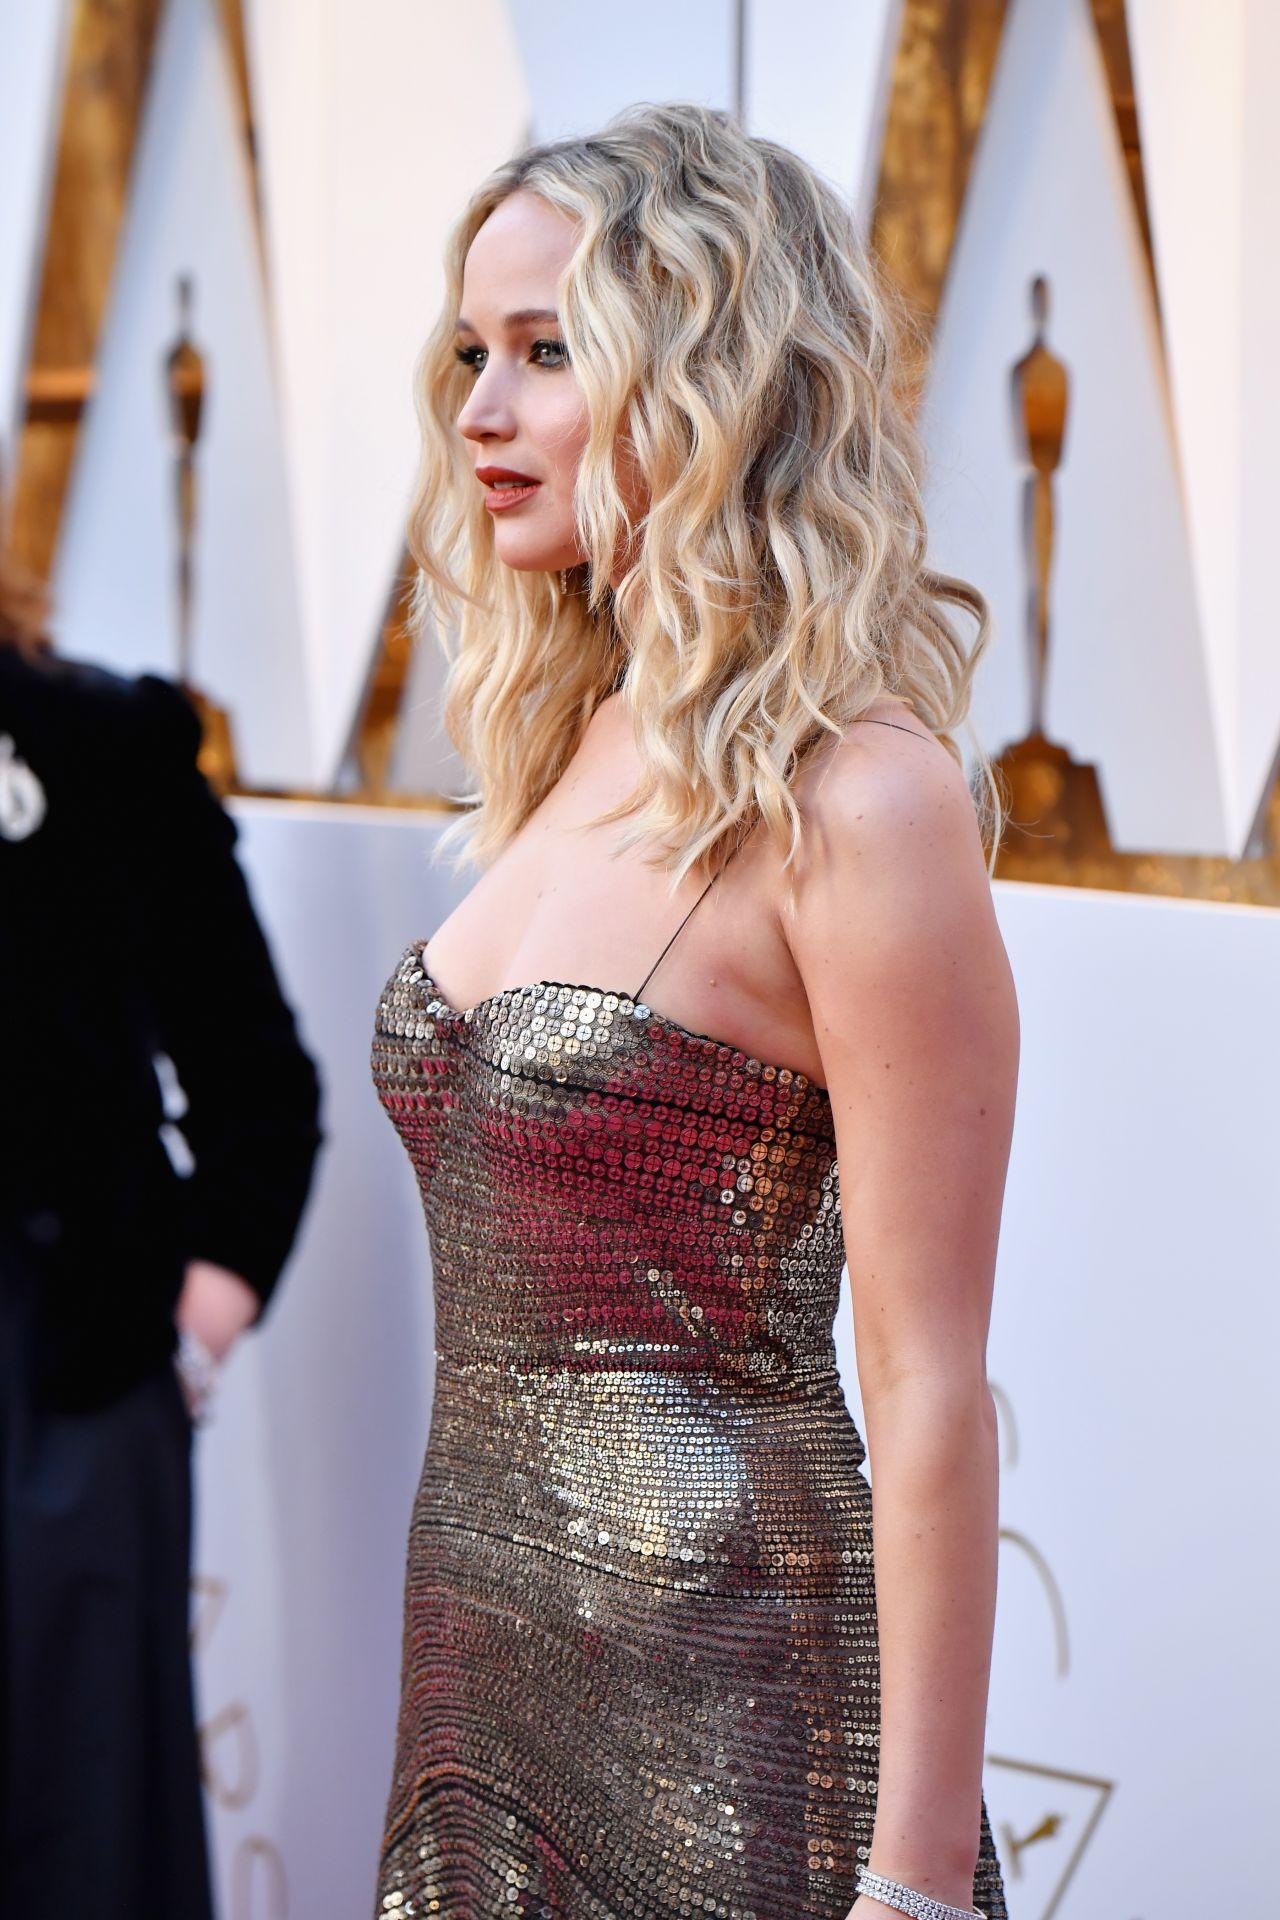 Дженнифер Лоуренс - Jennifer Lawrence фото №1049765 ...